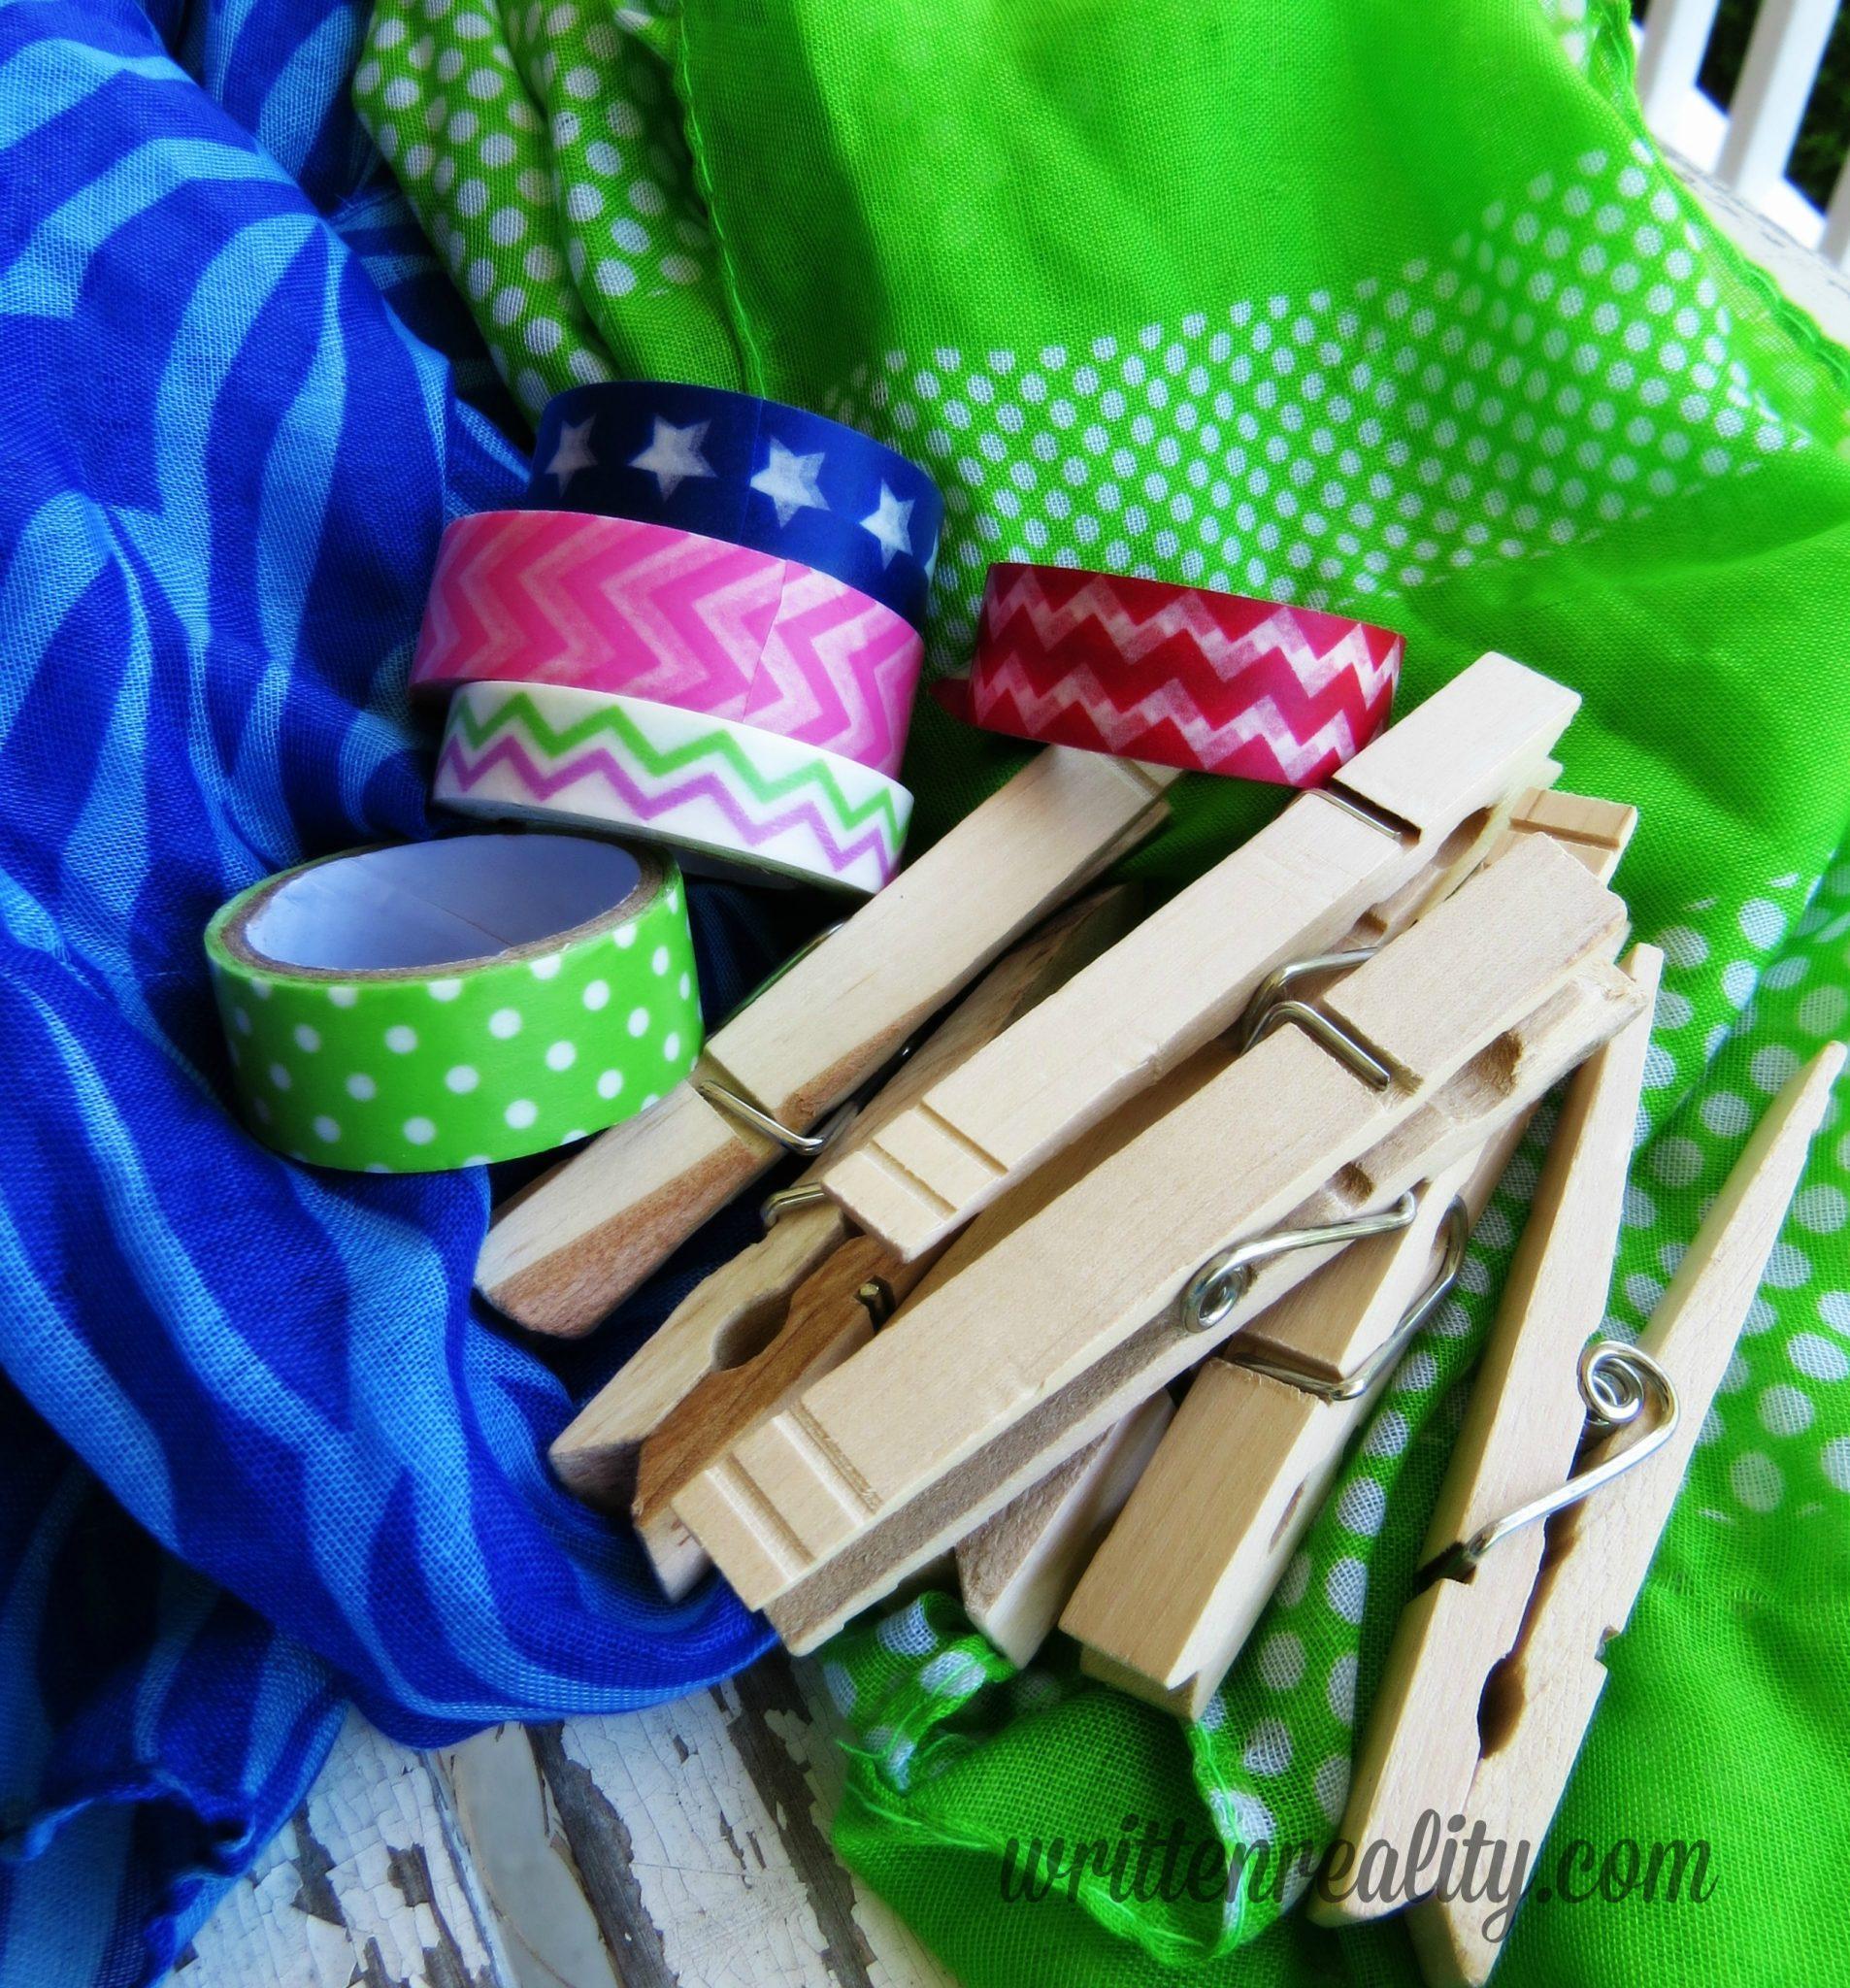 clothespins-wreath-materials